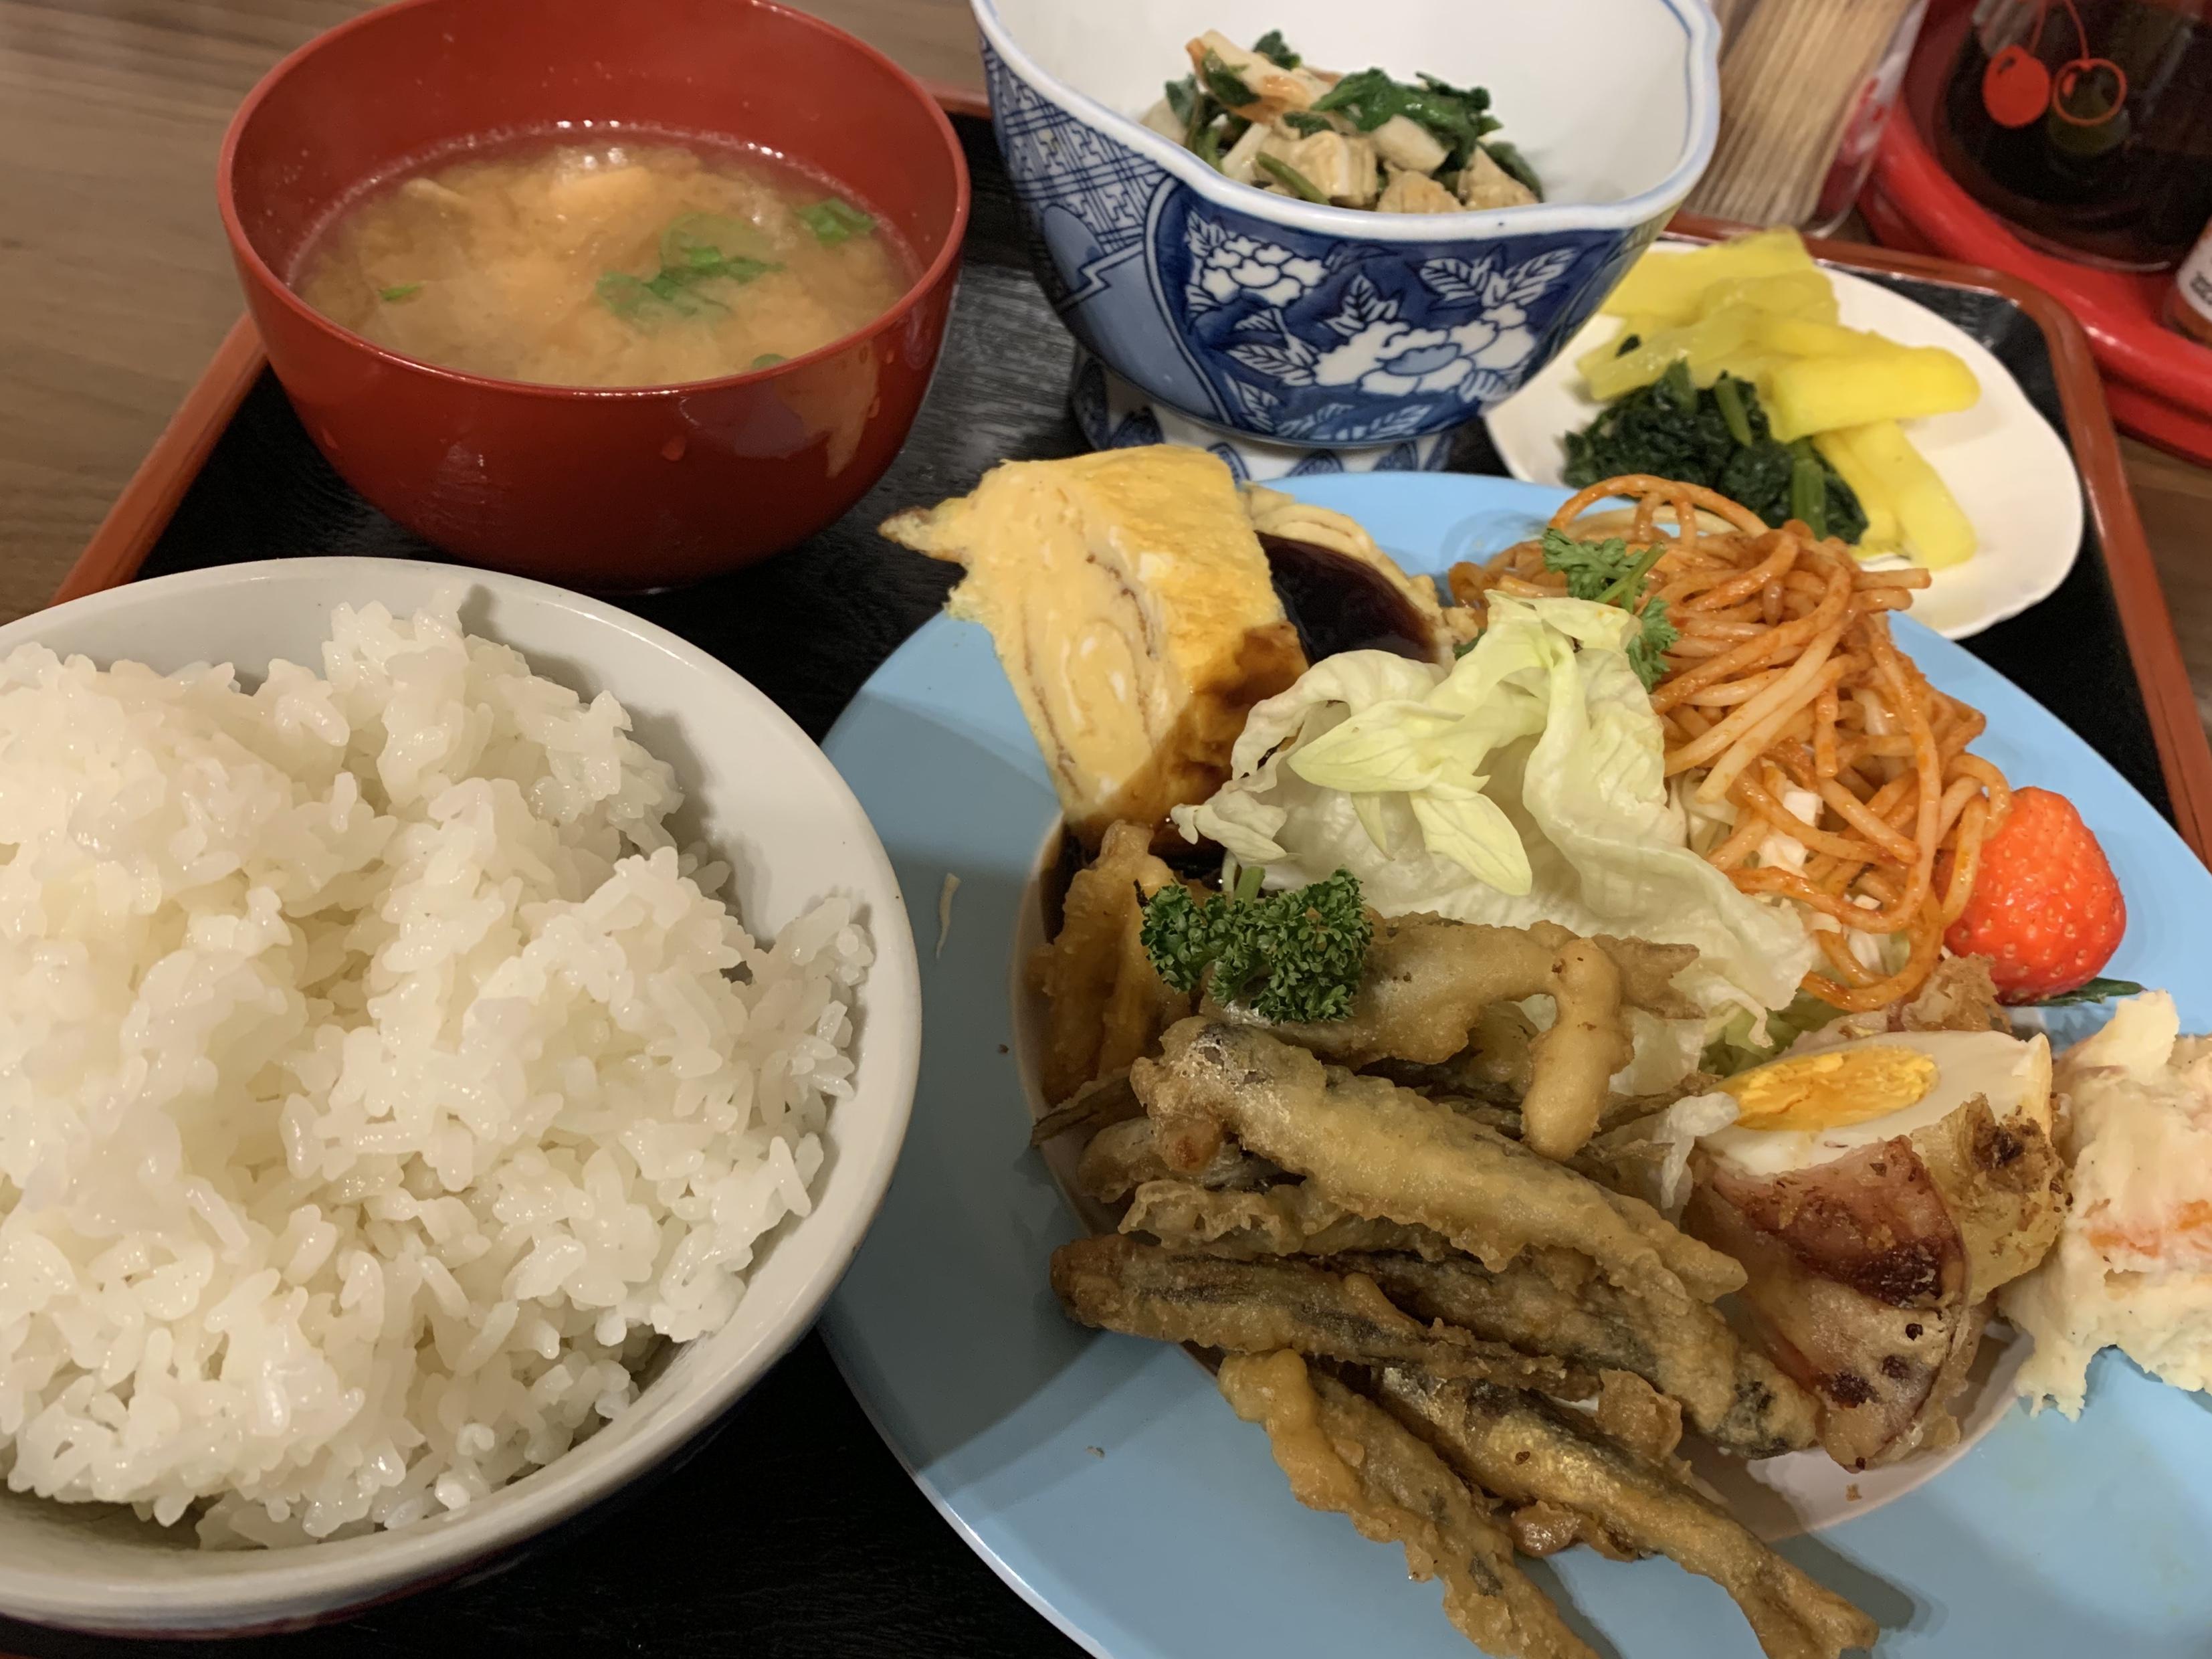 卯之町駅から約10分。西予市宇和町のやさしい食堂「やすい食堂」に行ってきました!